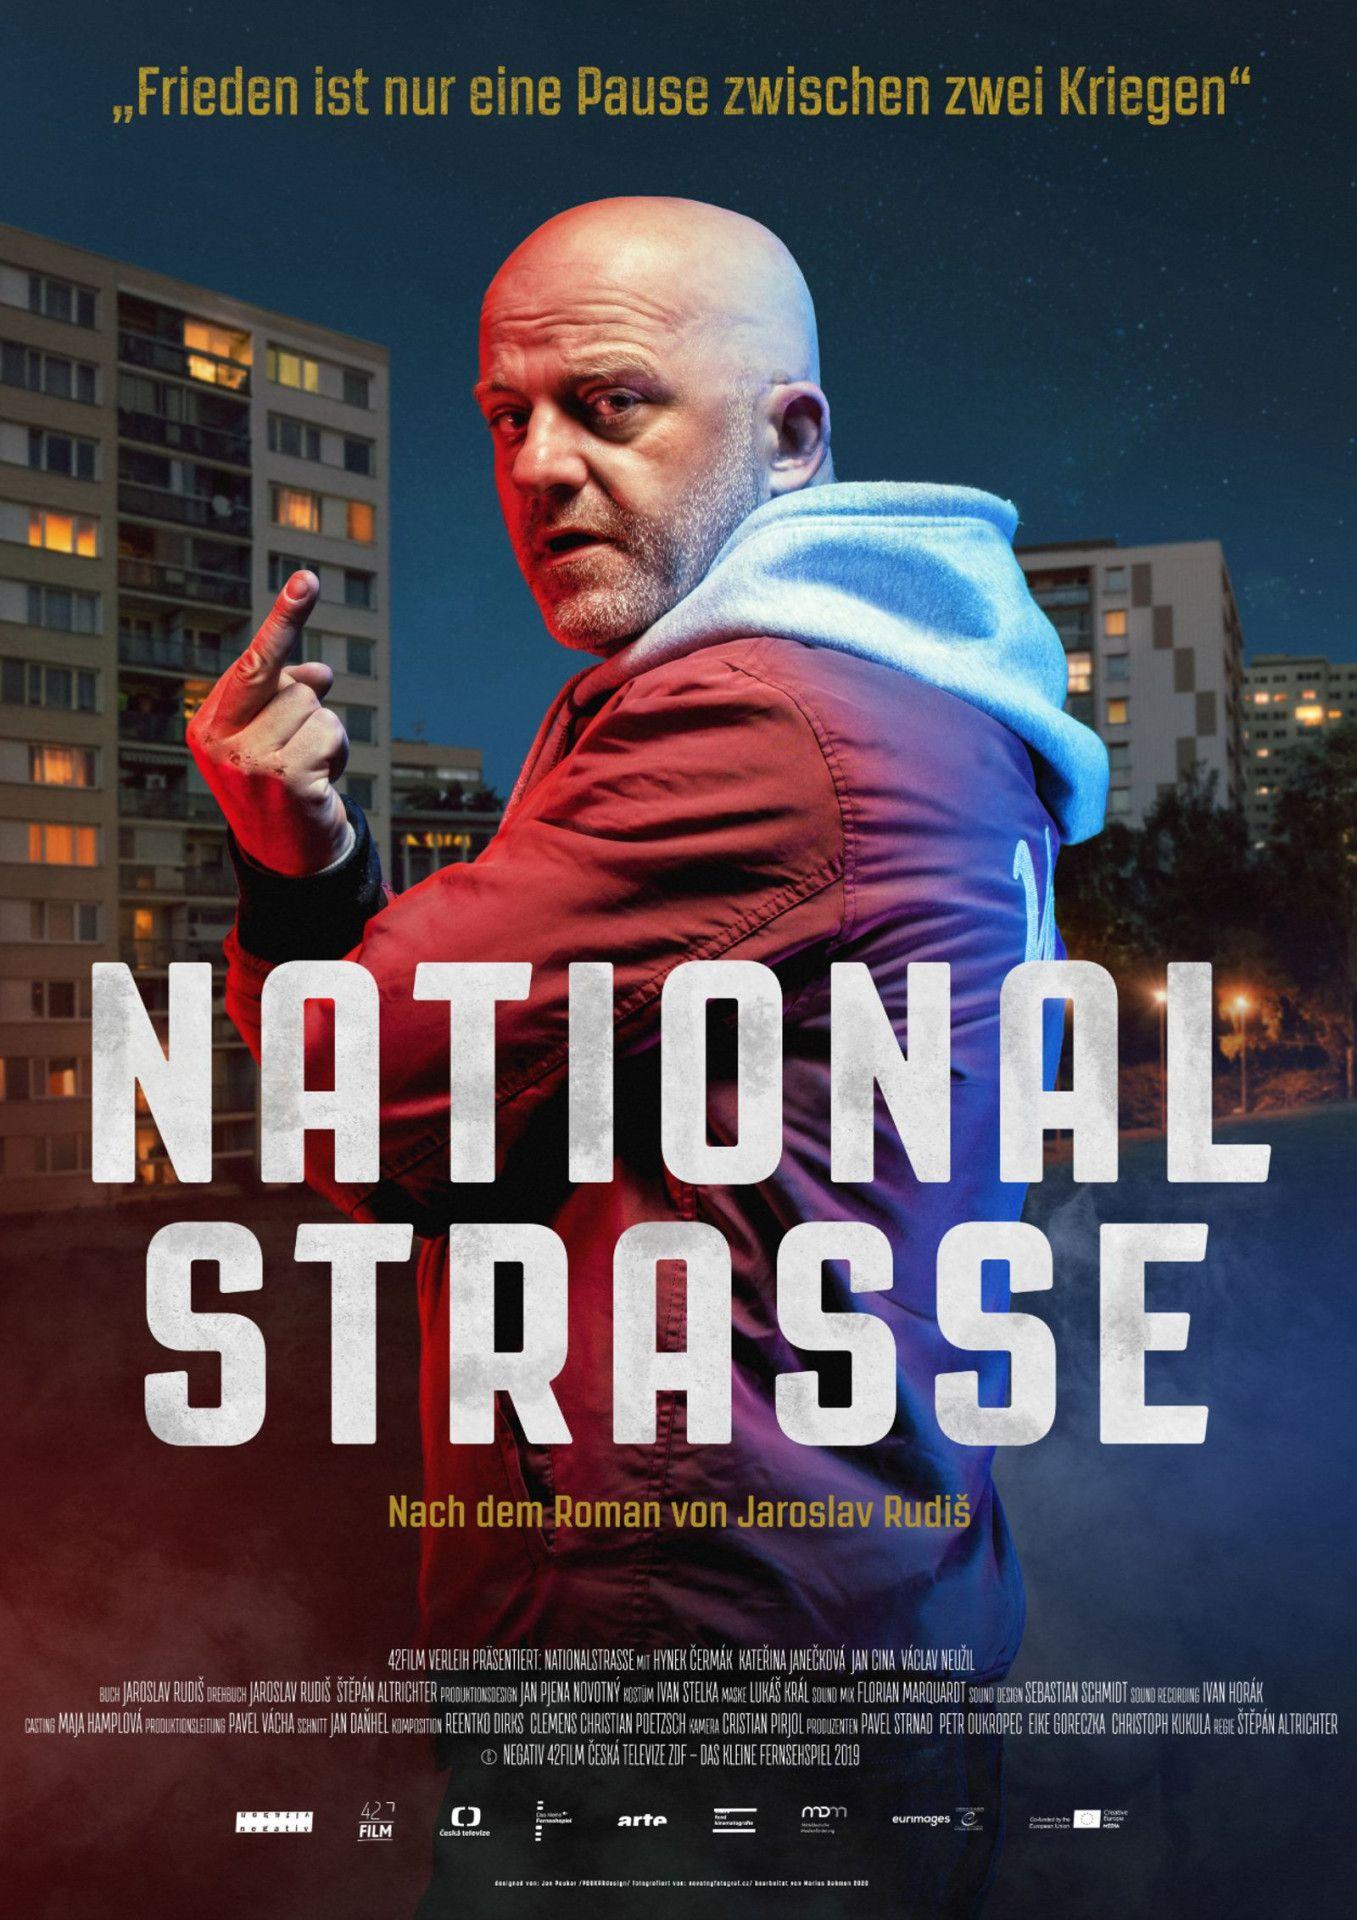 """Dass sich Vandam nach einem belgischen Actionstar benannt hat, ist kein Zufall. Für den streitbaren Protagonisten in der poetisch-brutalen Romanverfilmung """"Nationalstraße"""" ist klar: Man schlägt sich am besten mit geballten Fäusten durchs Leben."""